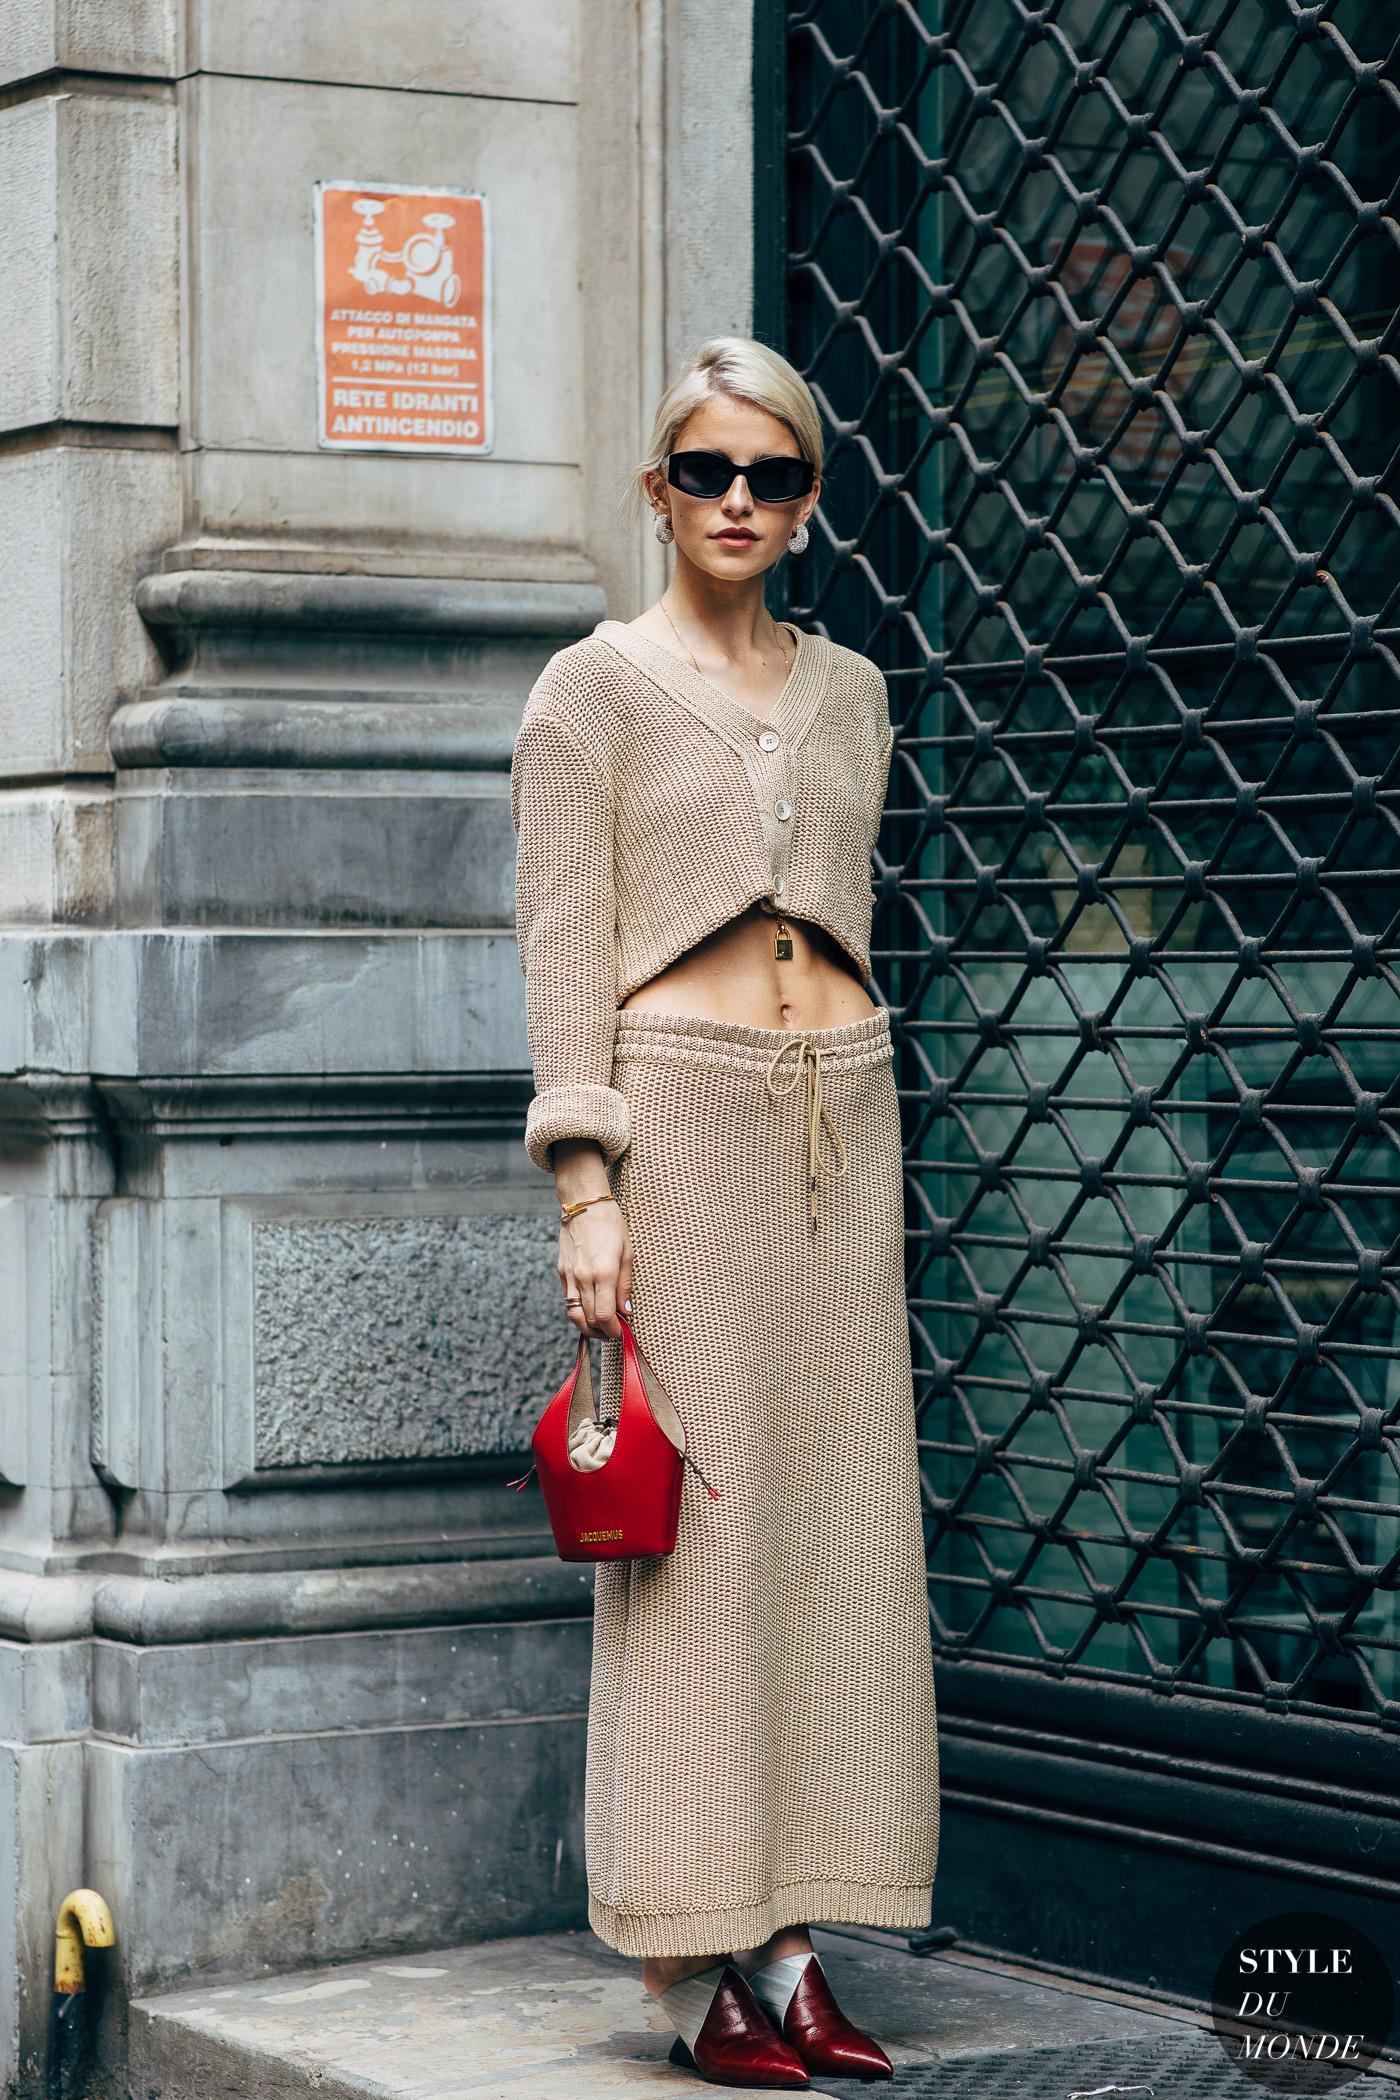 Fashionista mặc cardigan lửng màu ánh kim đeo kính mắt đen